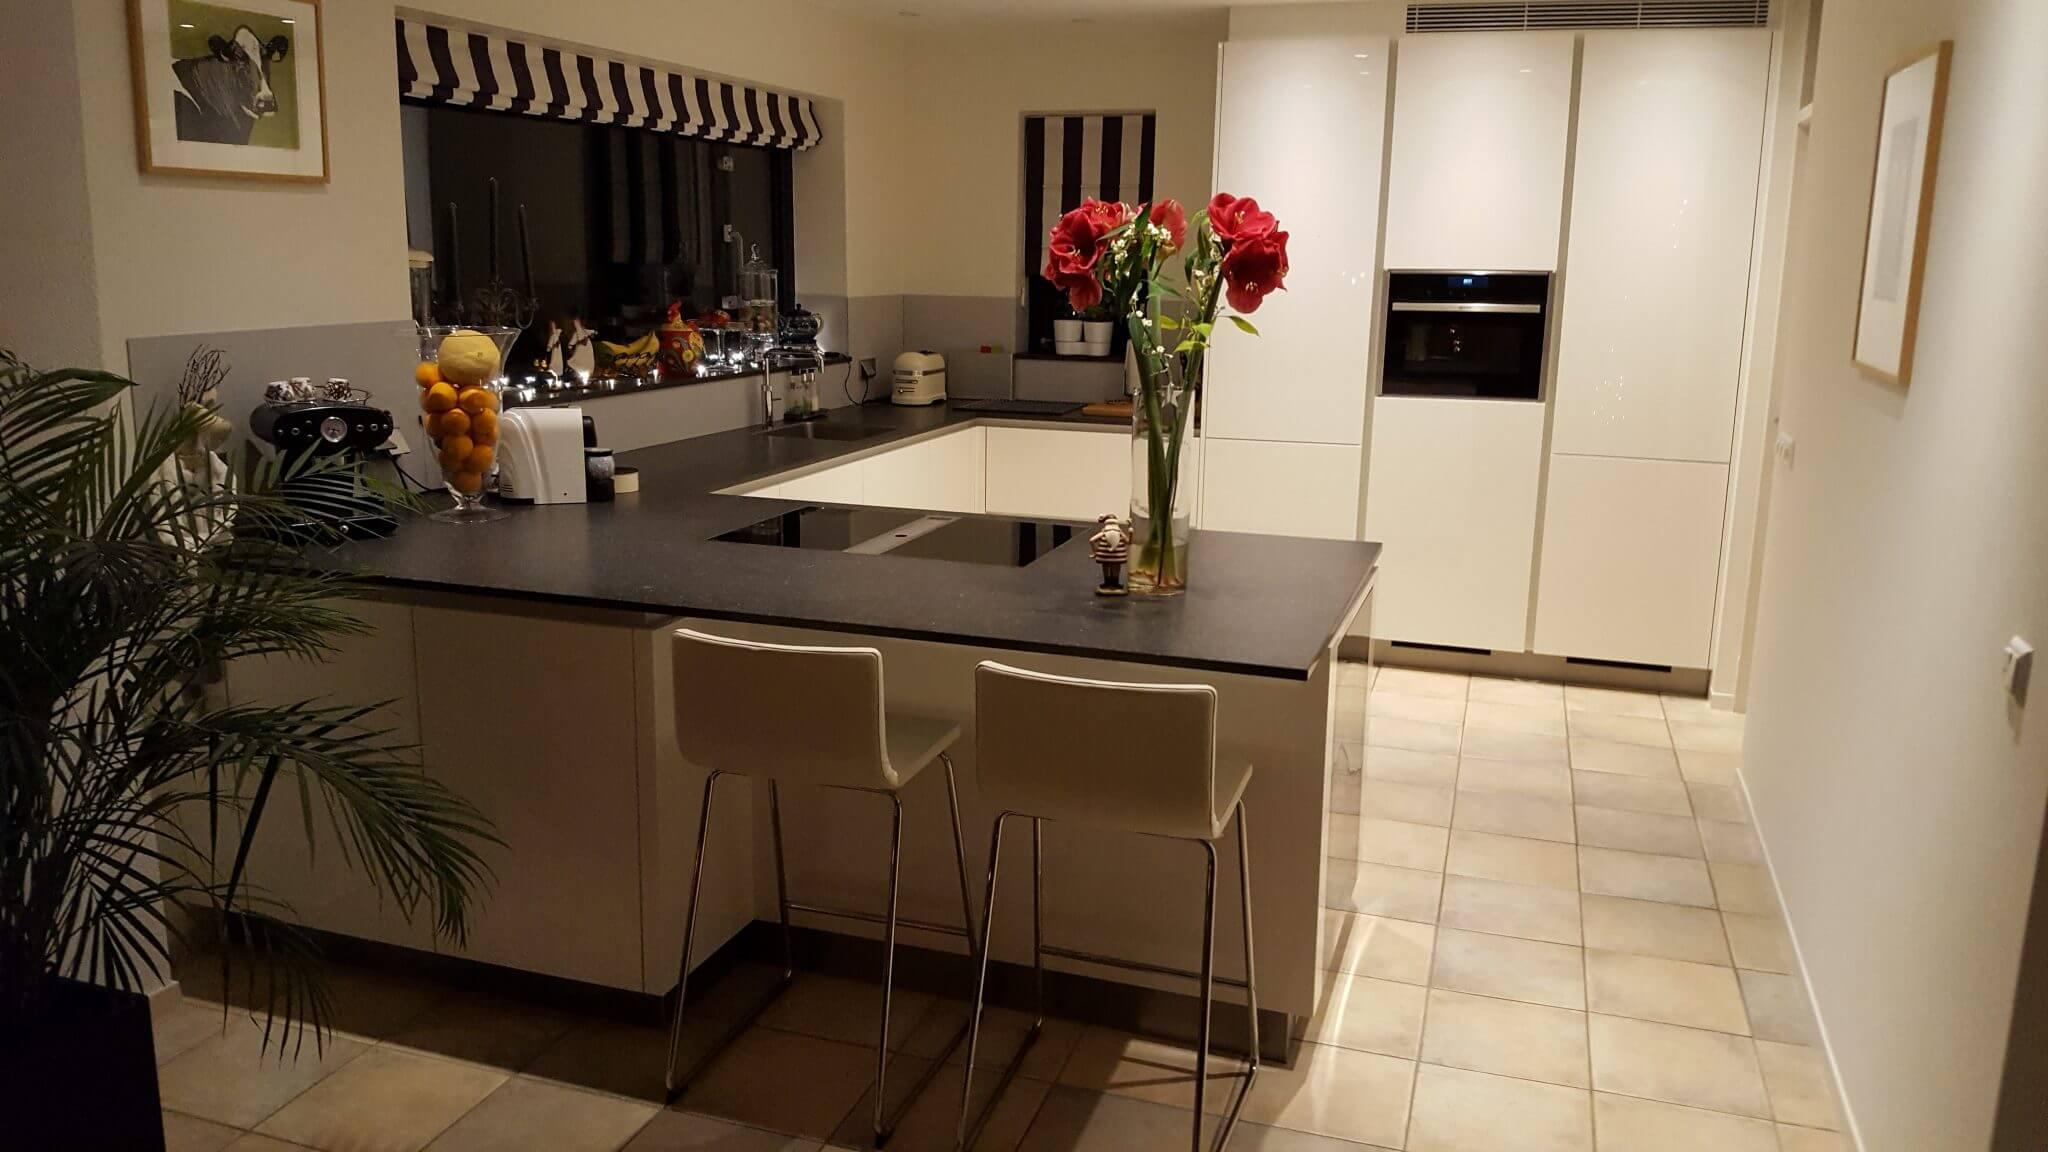 inrichting professionele keuken : Keuken Idee Gp Interieur Idee